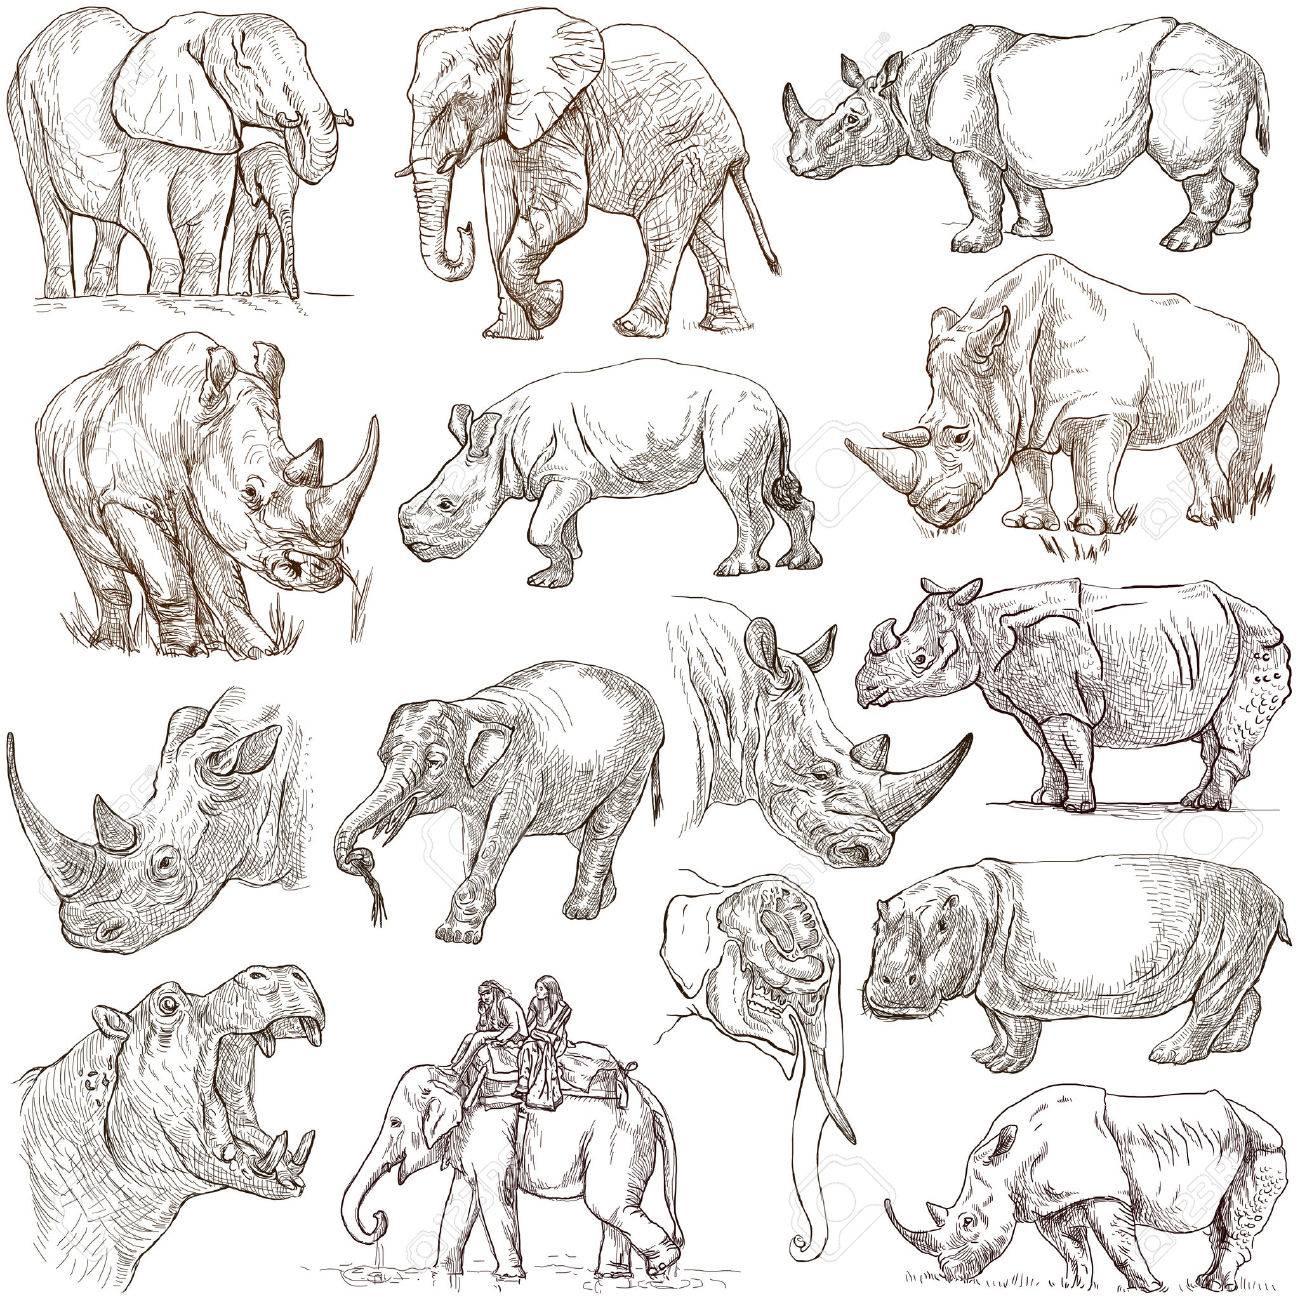 重い動物 象カバサイ 手描きイラスト集です説明 フルサイズ